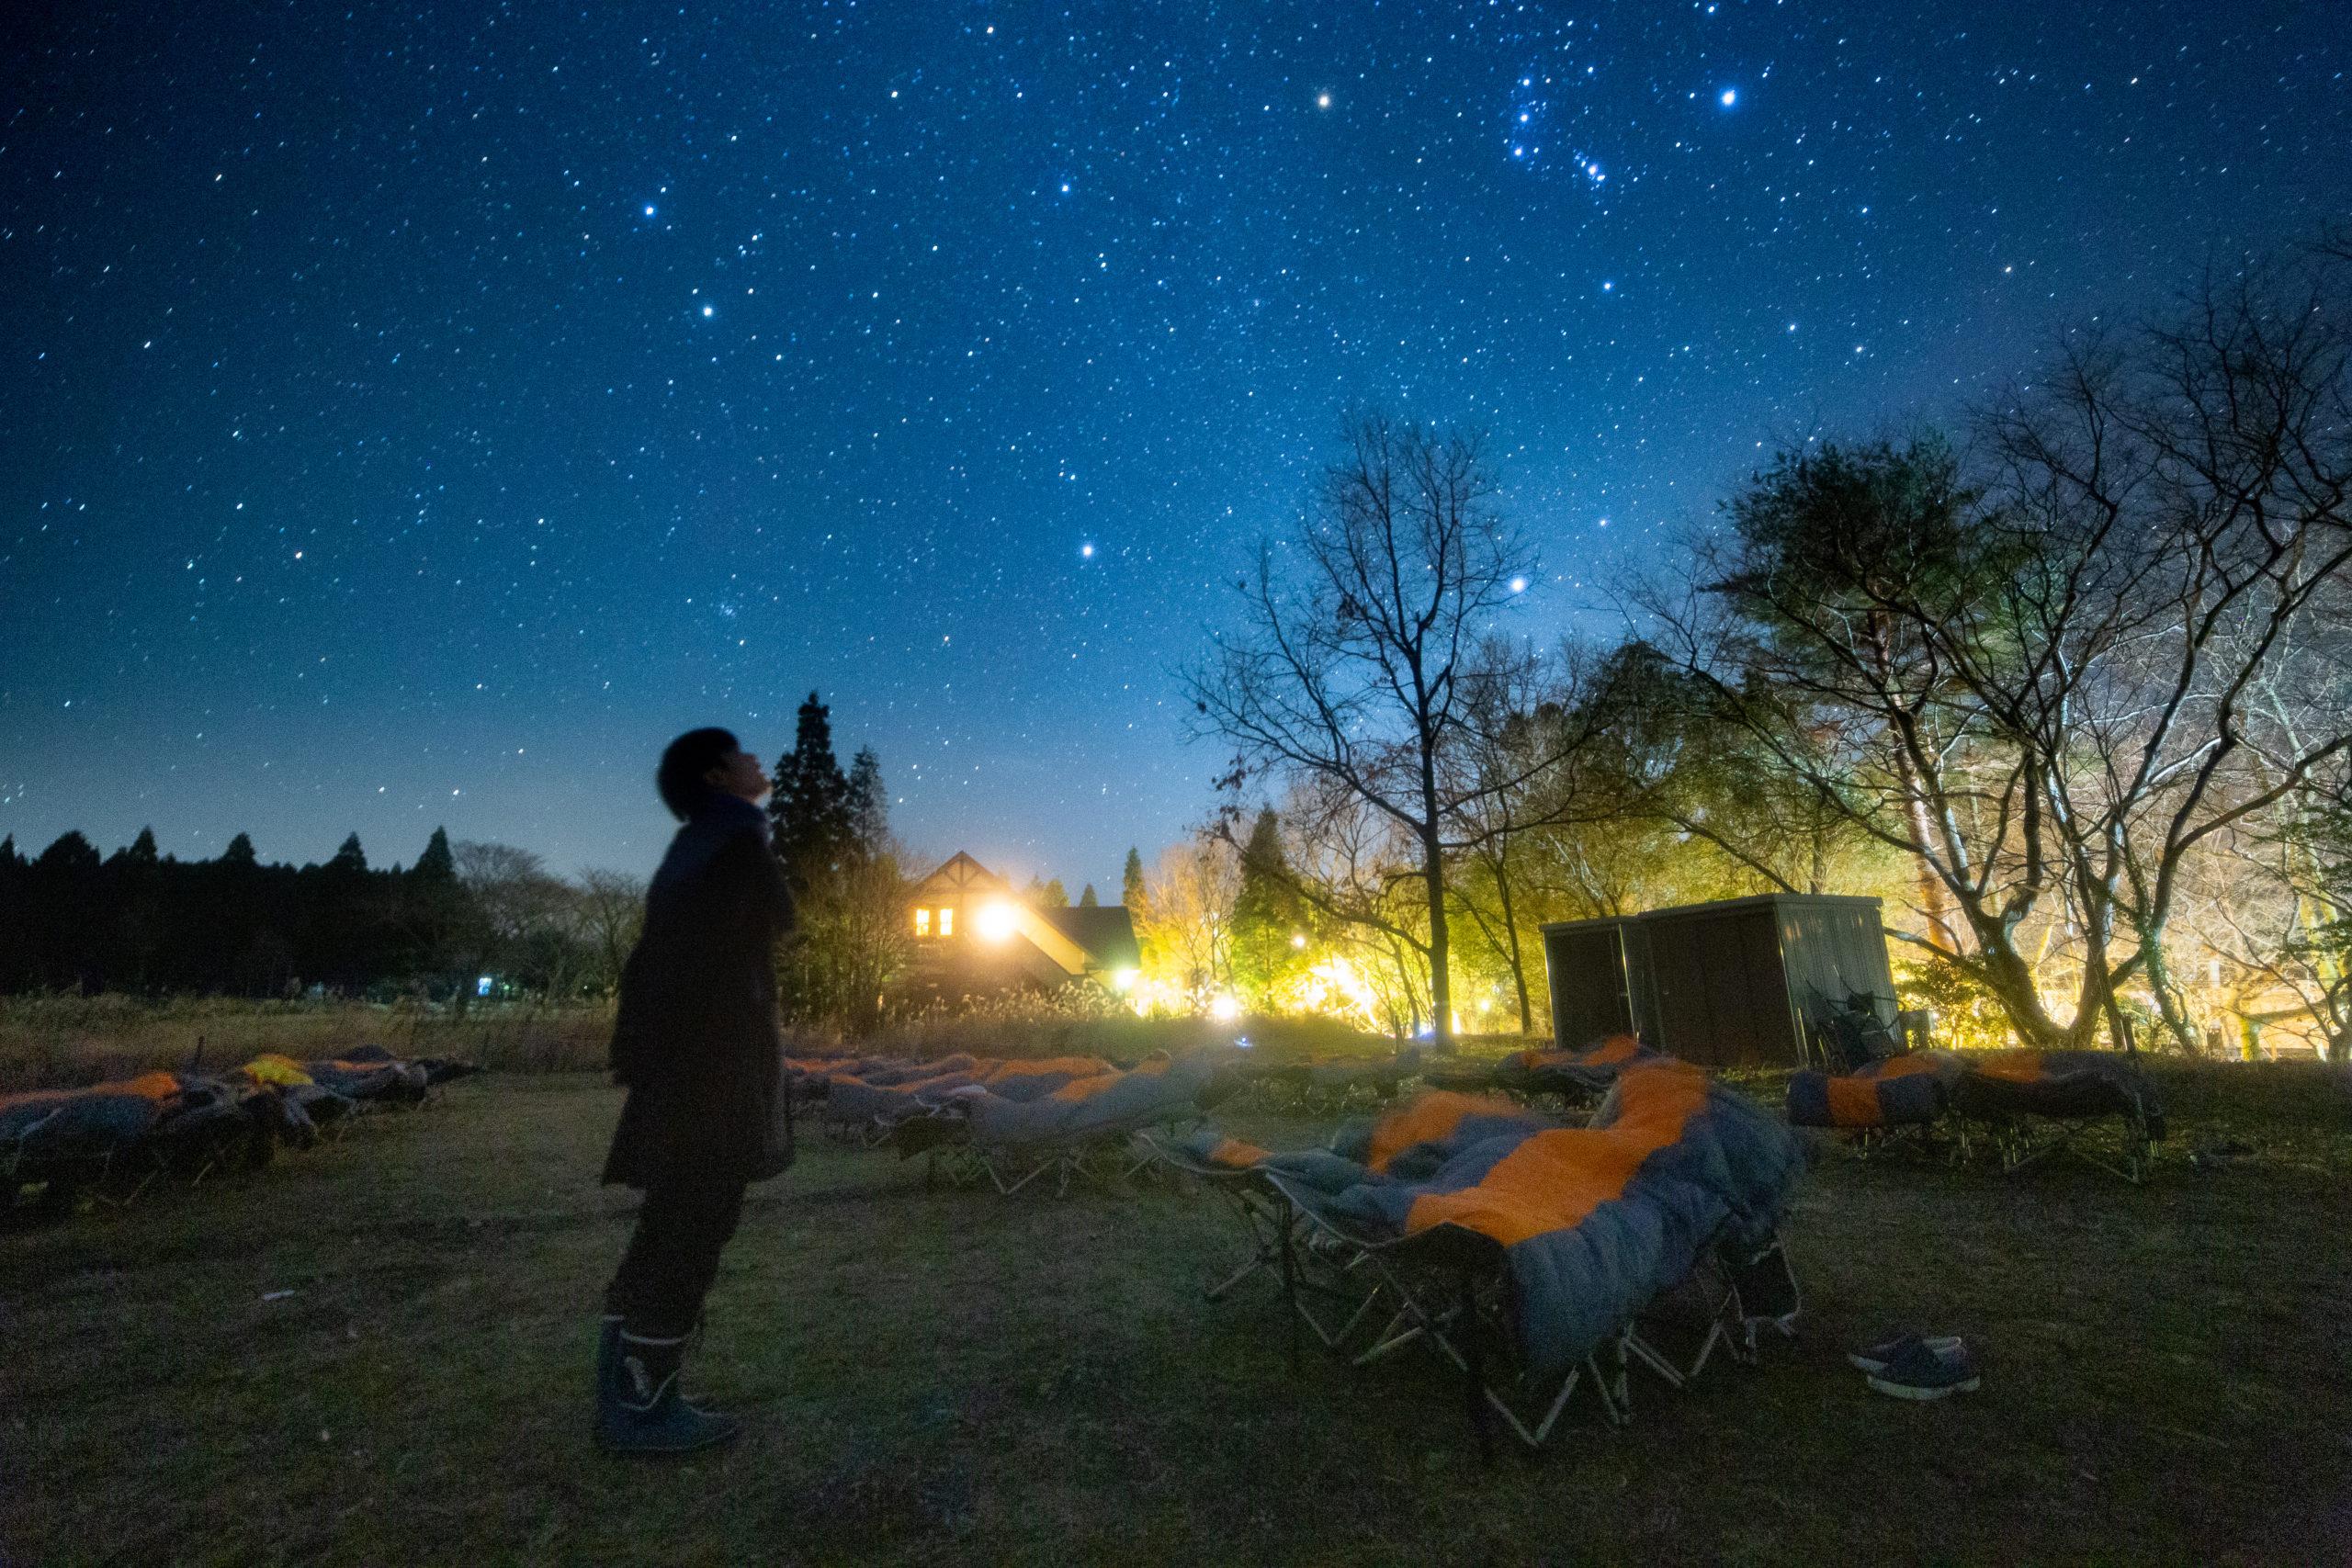 星見が原ではすべての季節で快適に星空を楽しむことができます